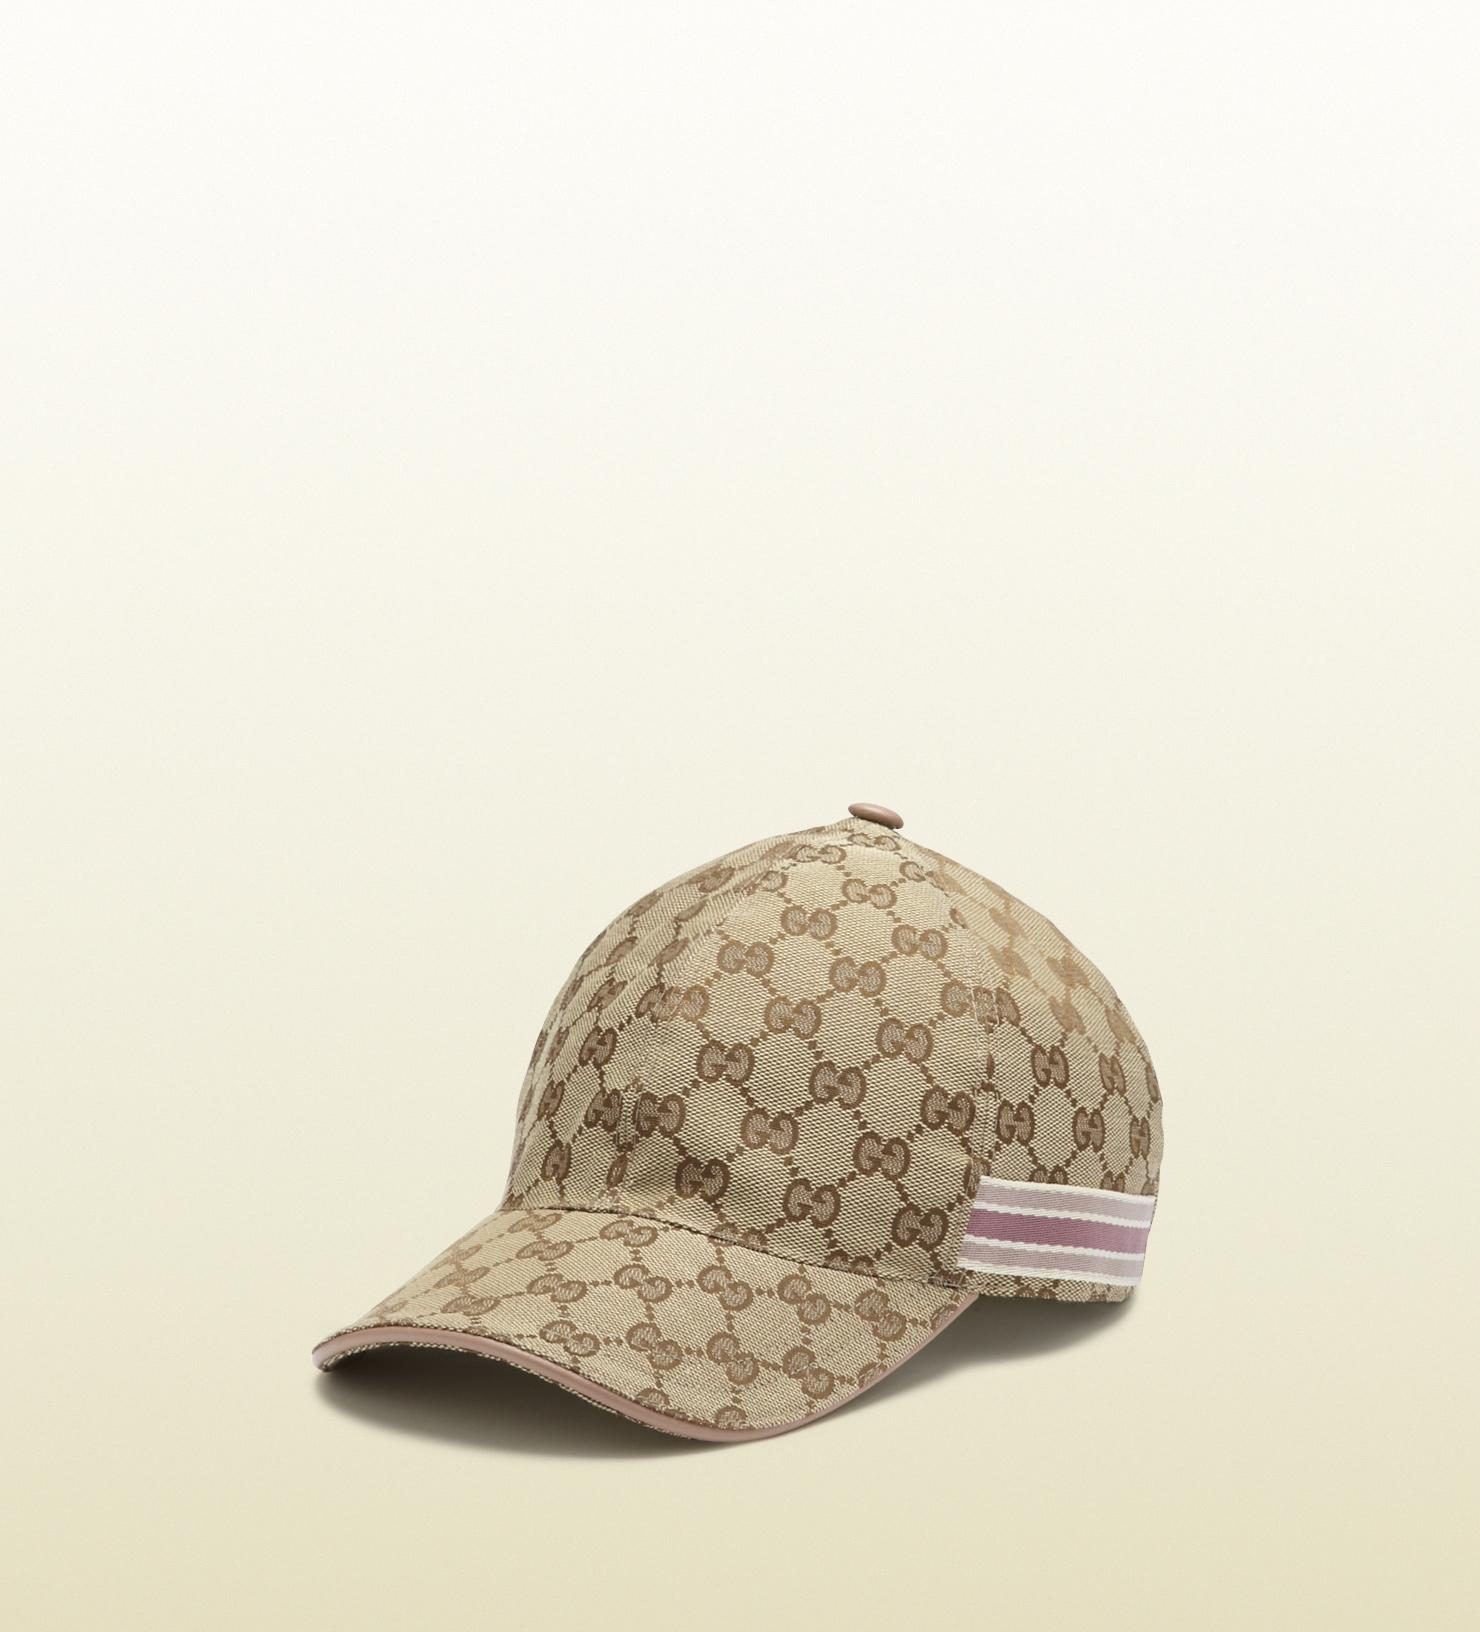 casquette gucci beige et rose - Style Casquette b40b5877f7e